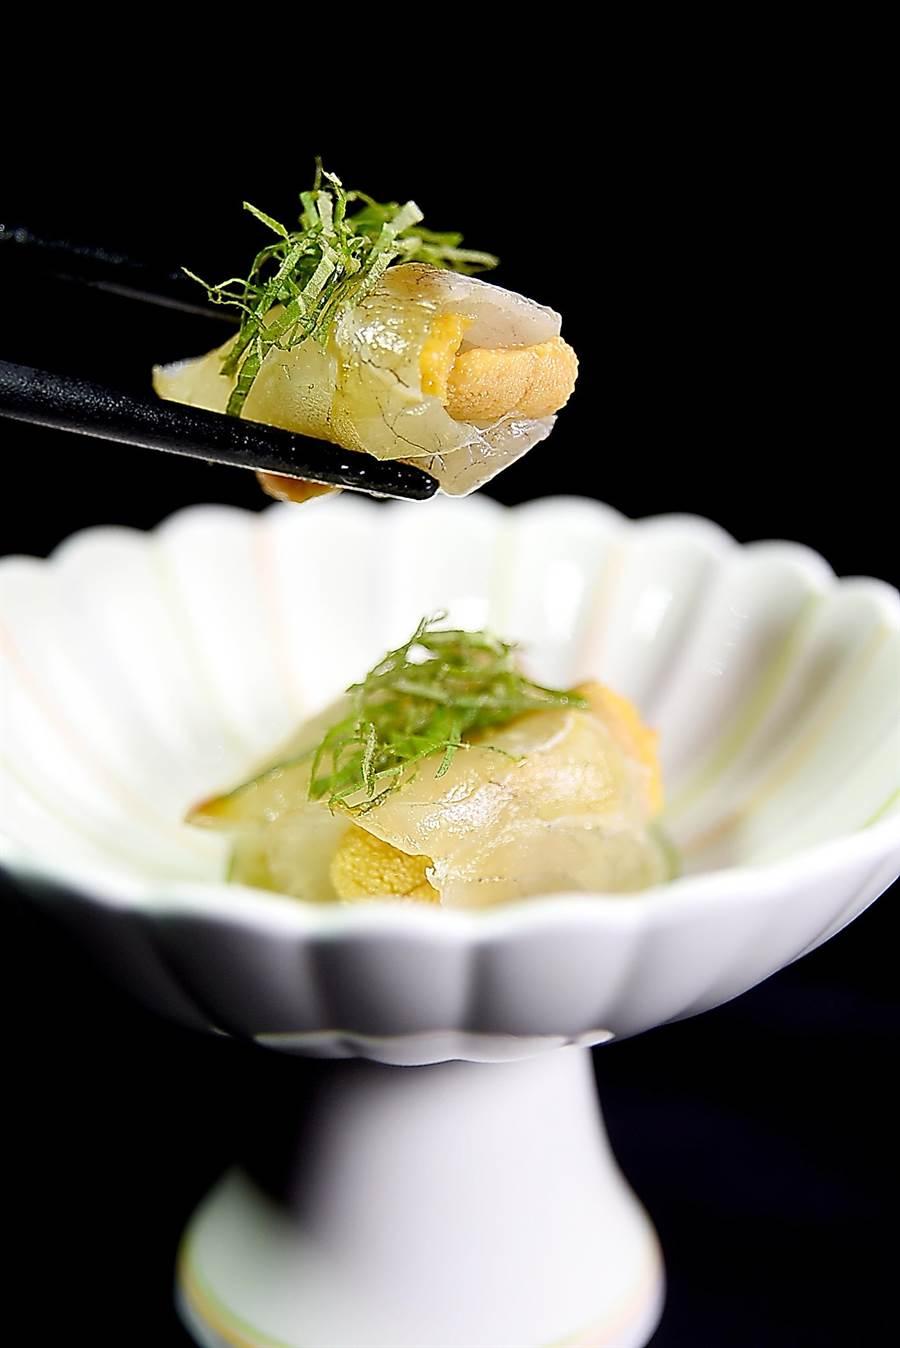 用昆布醃漬過的鯛魚片包捲唐津赤海膽作餡,味道鹹鮮甘甜交織激盪,非常美味。(圖/姚舜攝)